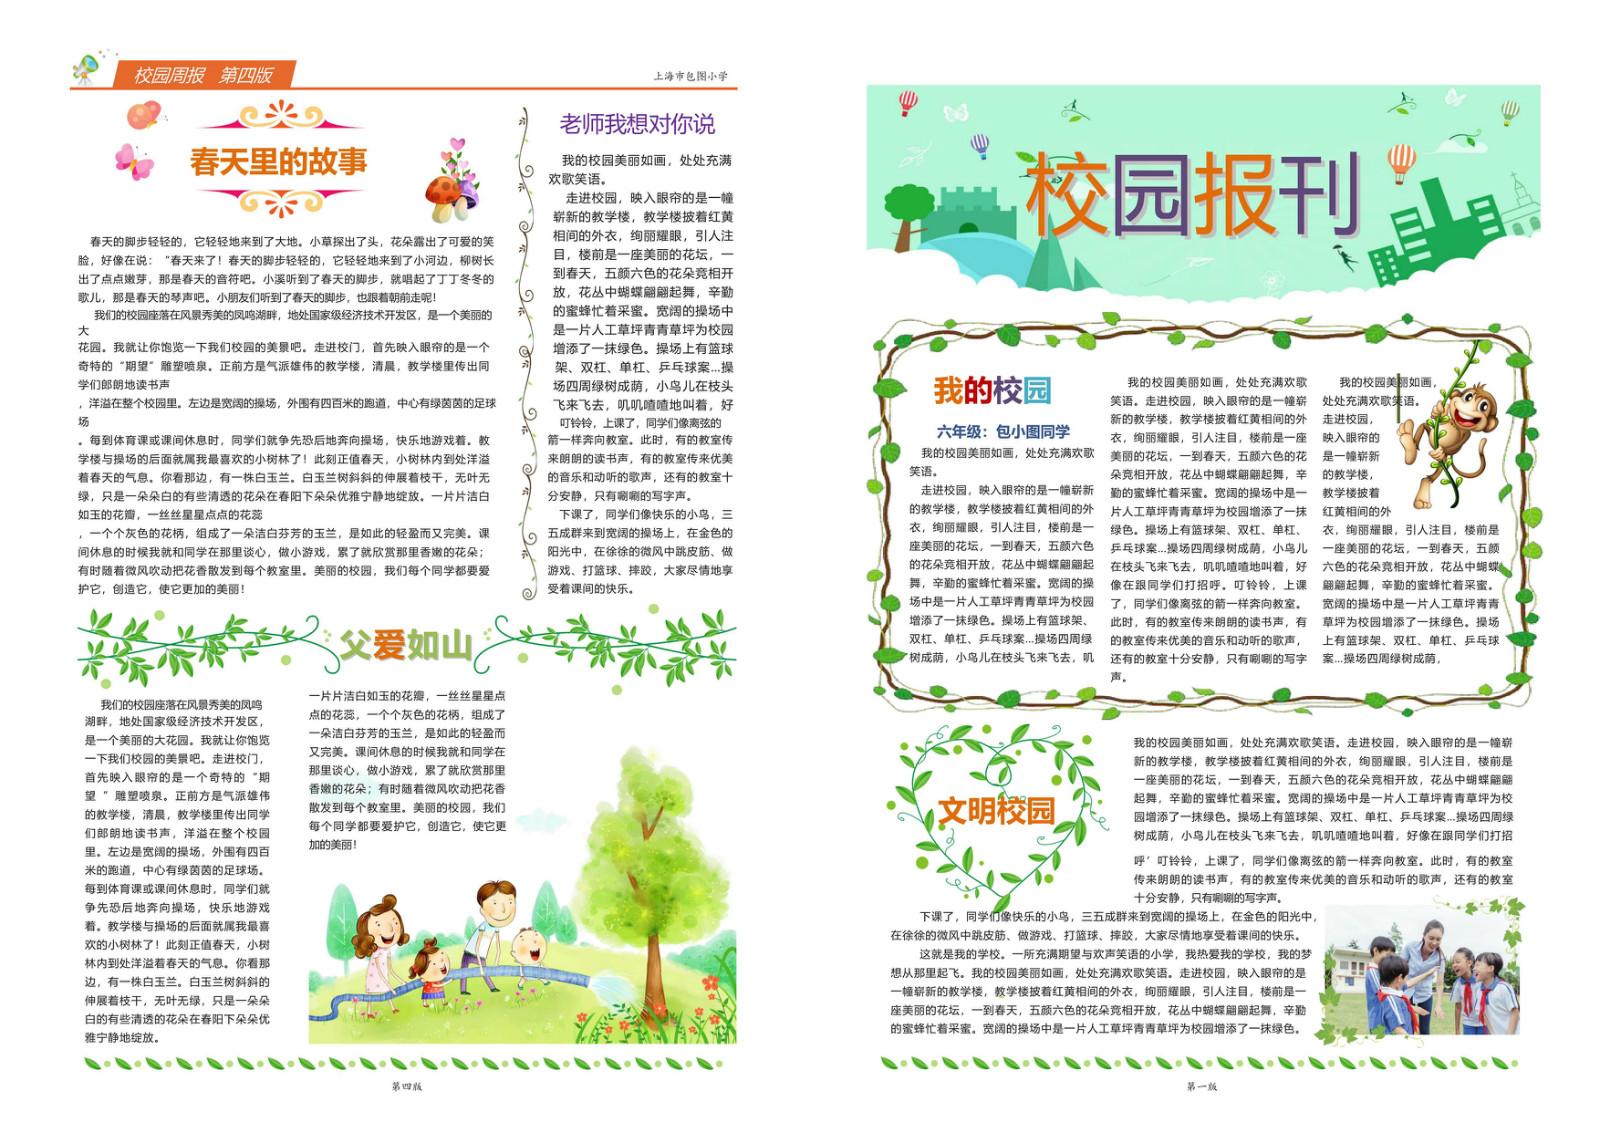 金印客:让校报校刊,排版不再困难-金印客 免费设计